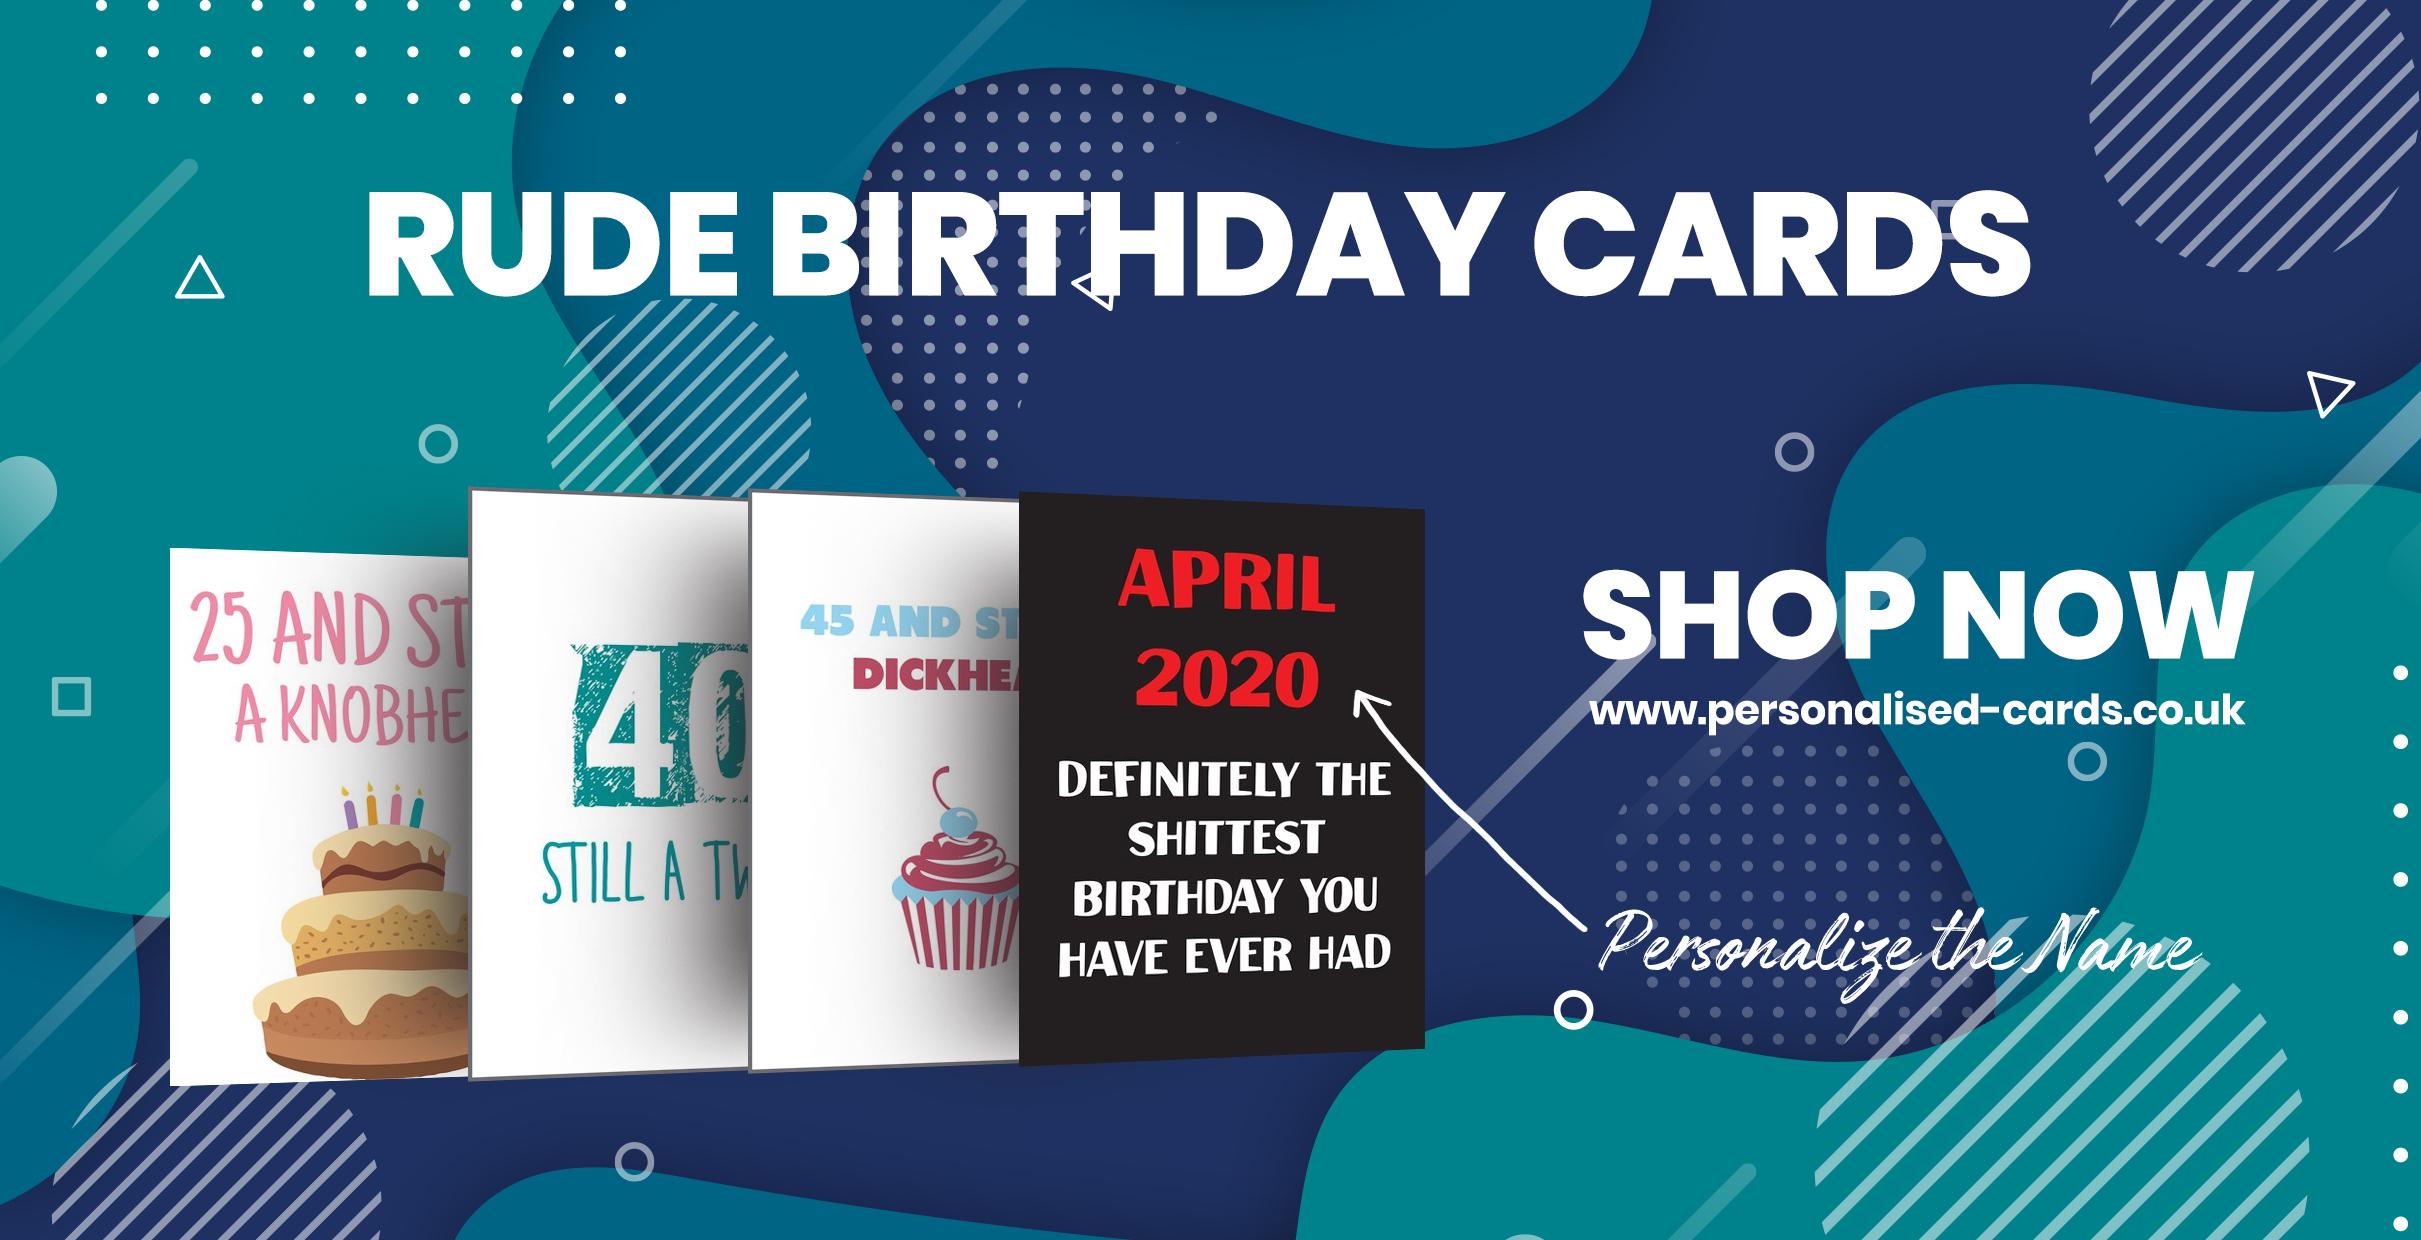 rude-birthday-cards.jpg